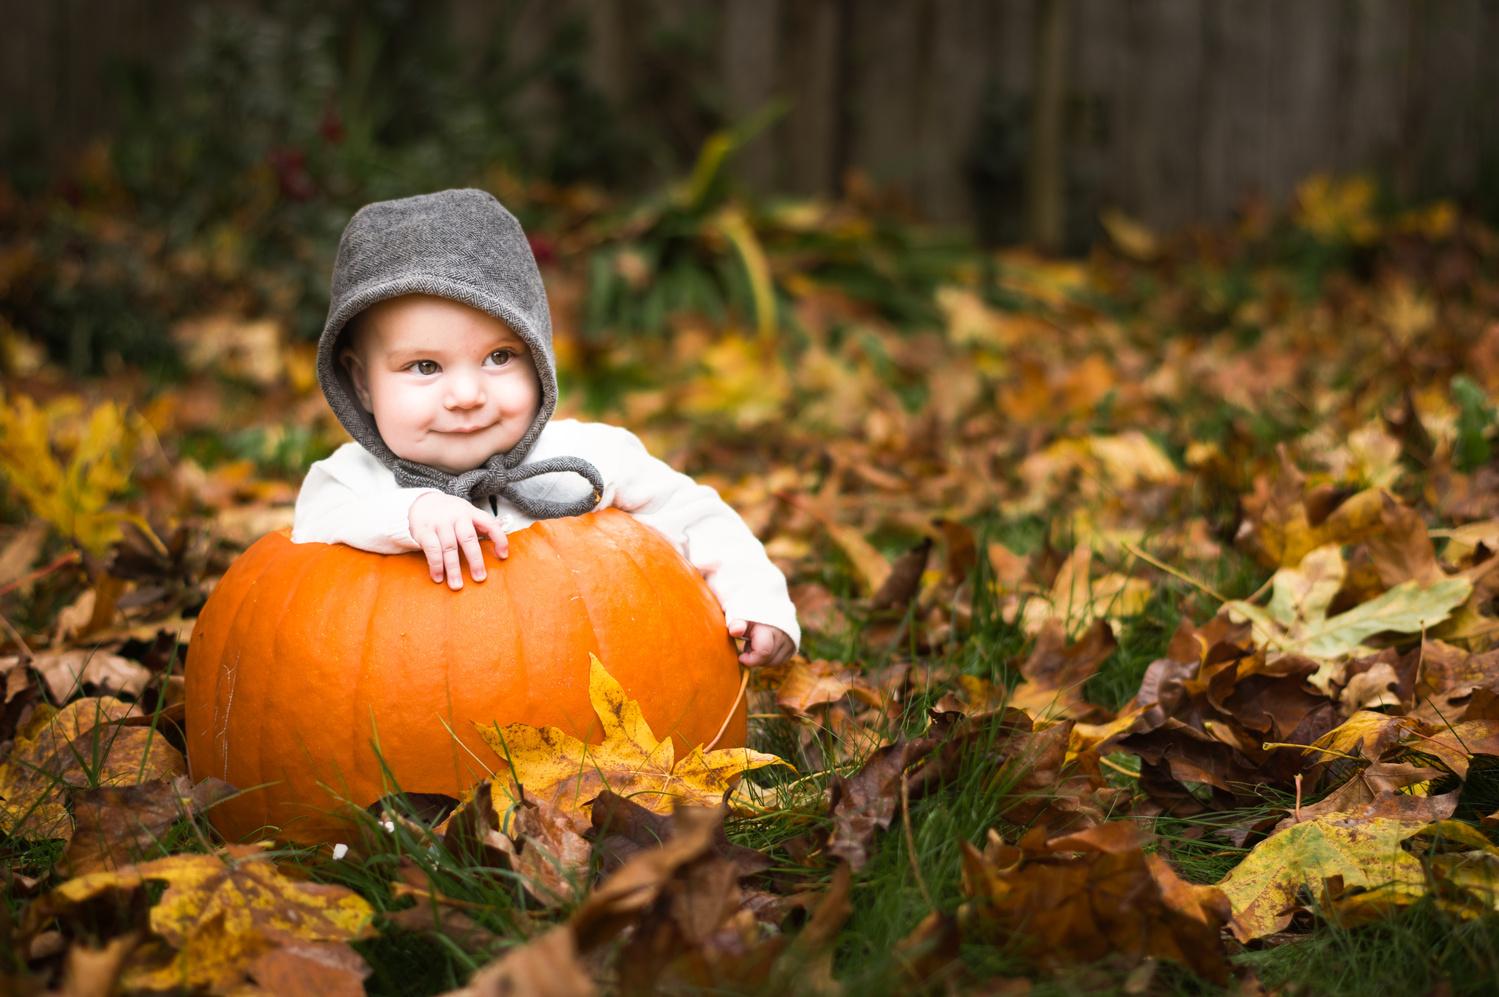 Pumpkin by Zach Deets